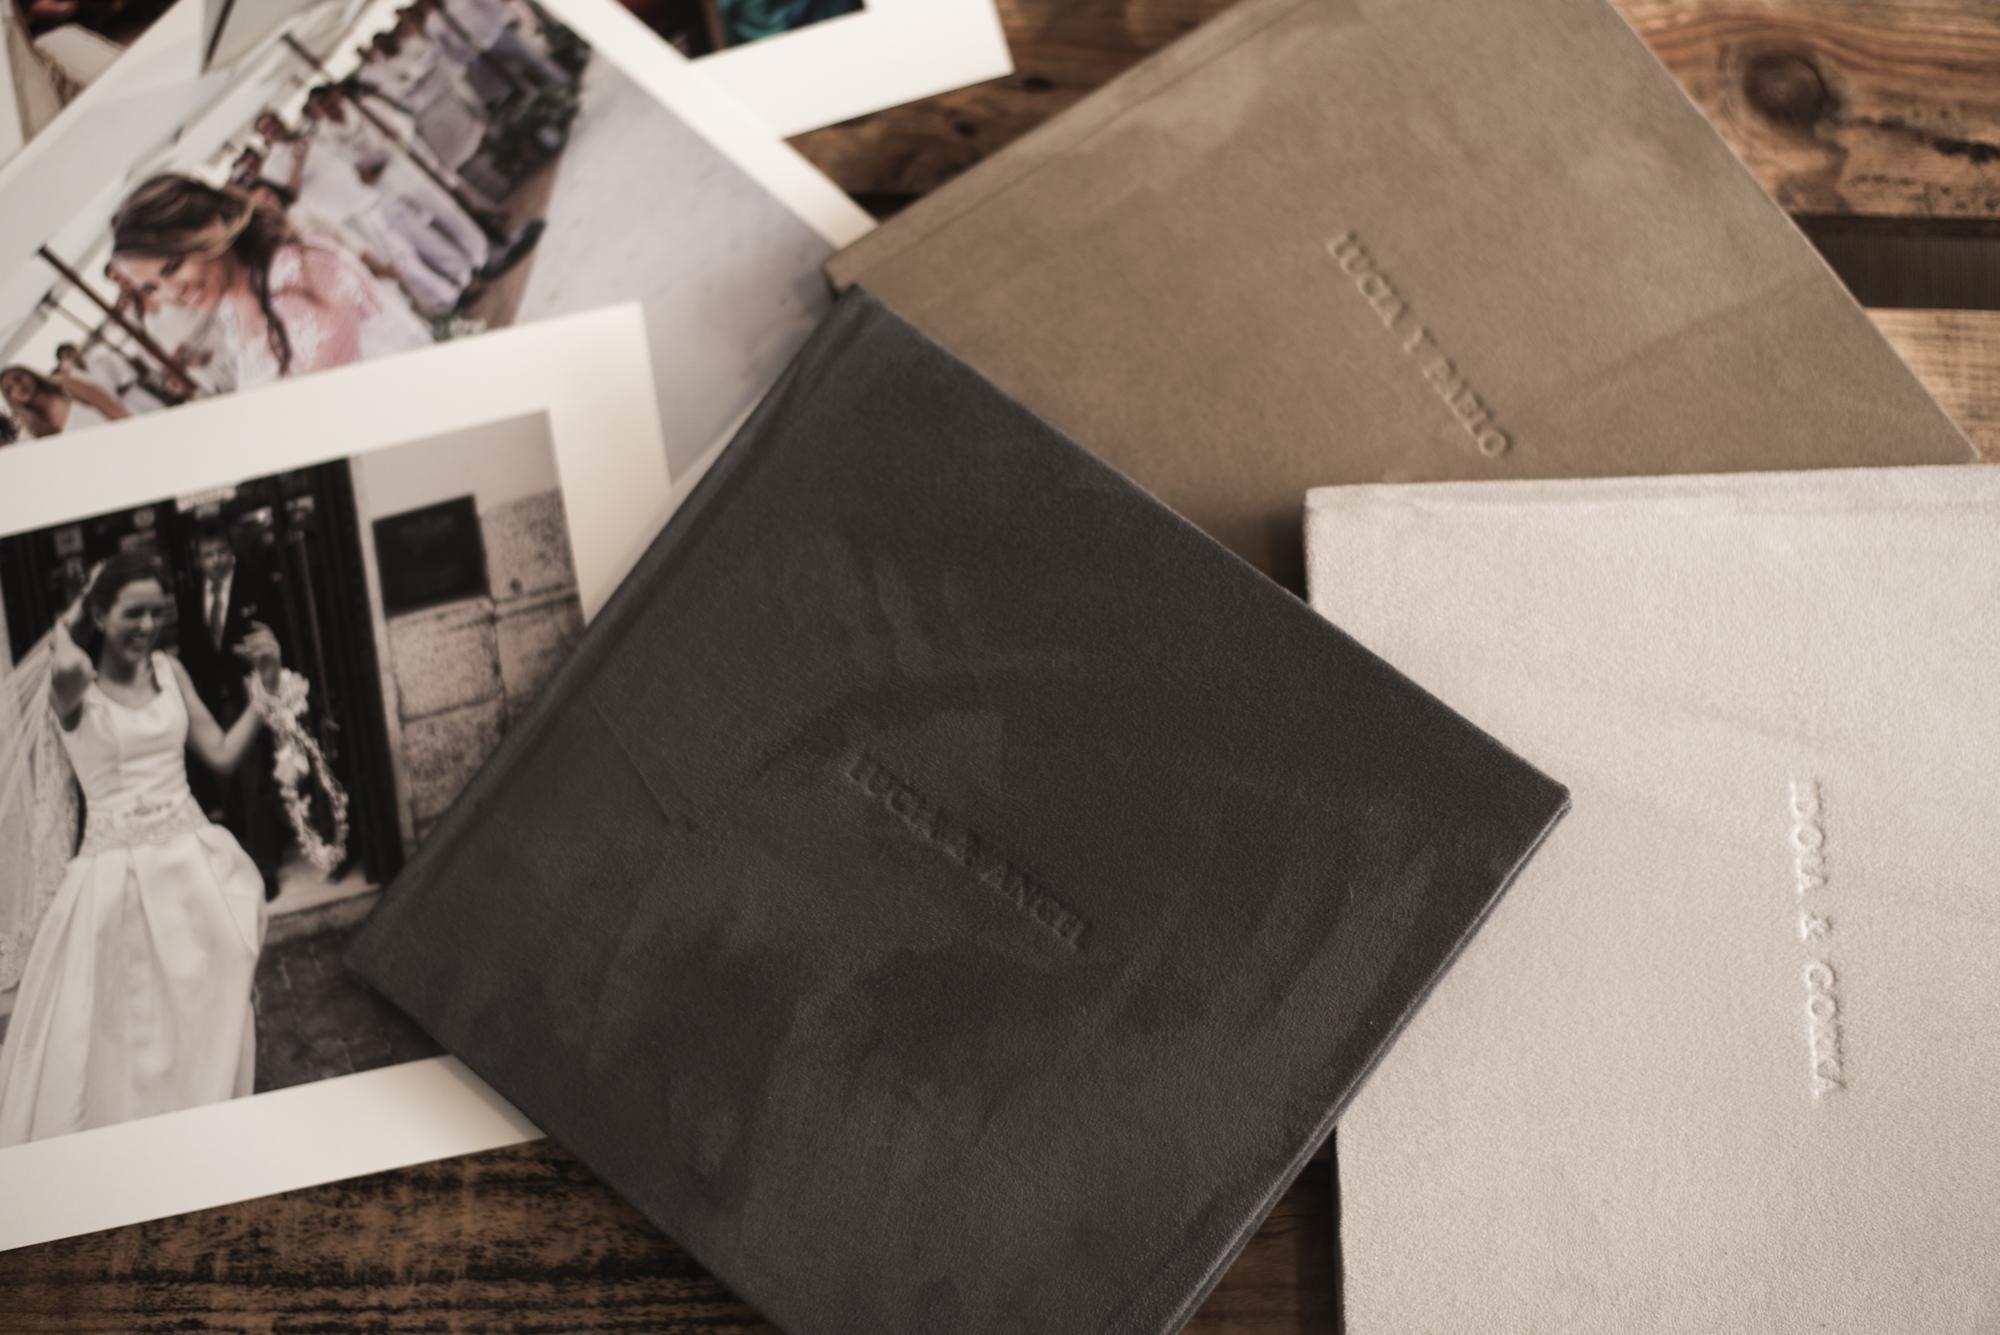 Libros de polipiel color gris oscuro, claro y beige